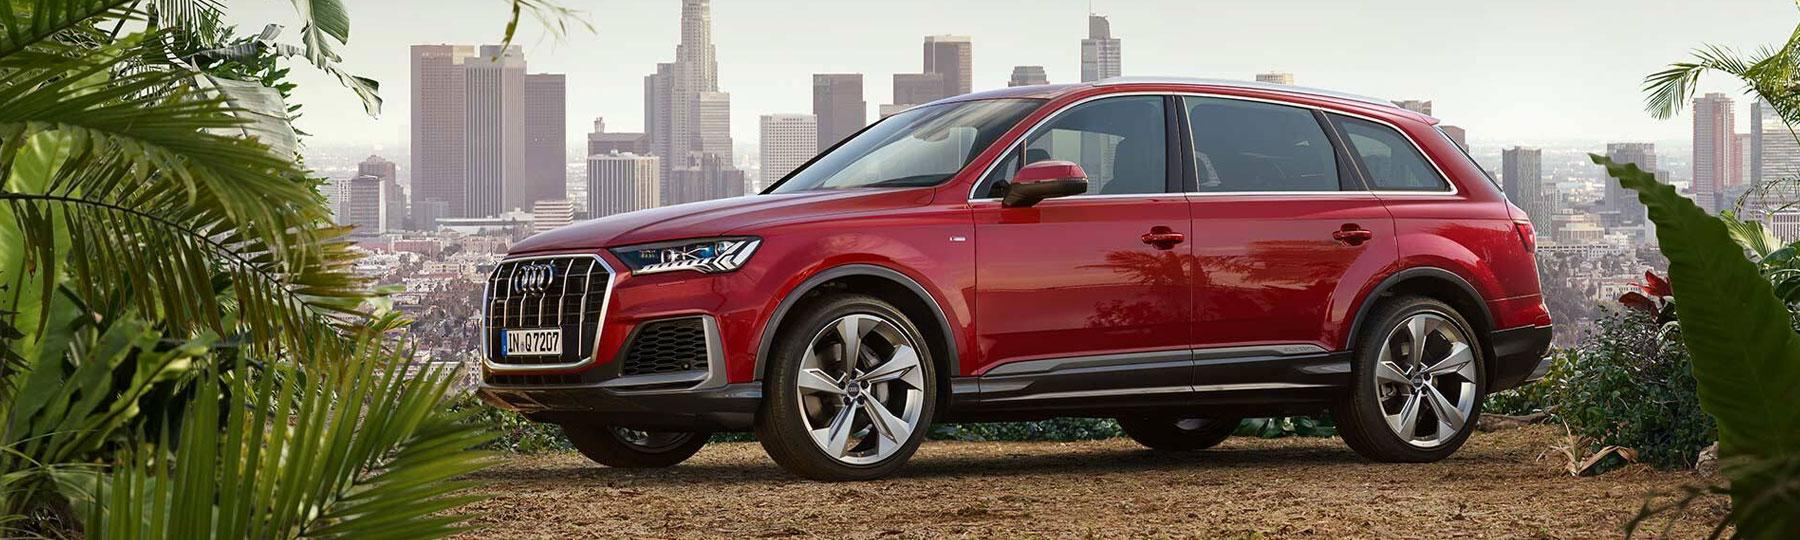 Audi Q7 New Car Offer